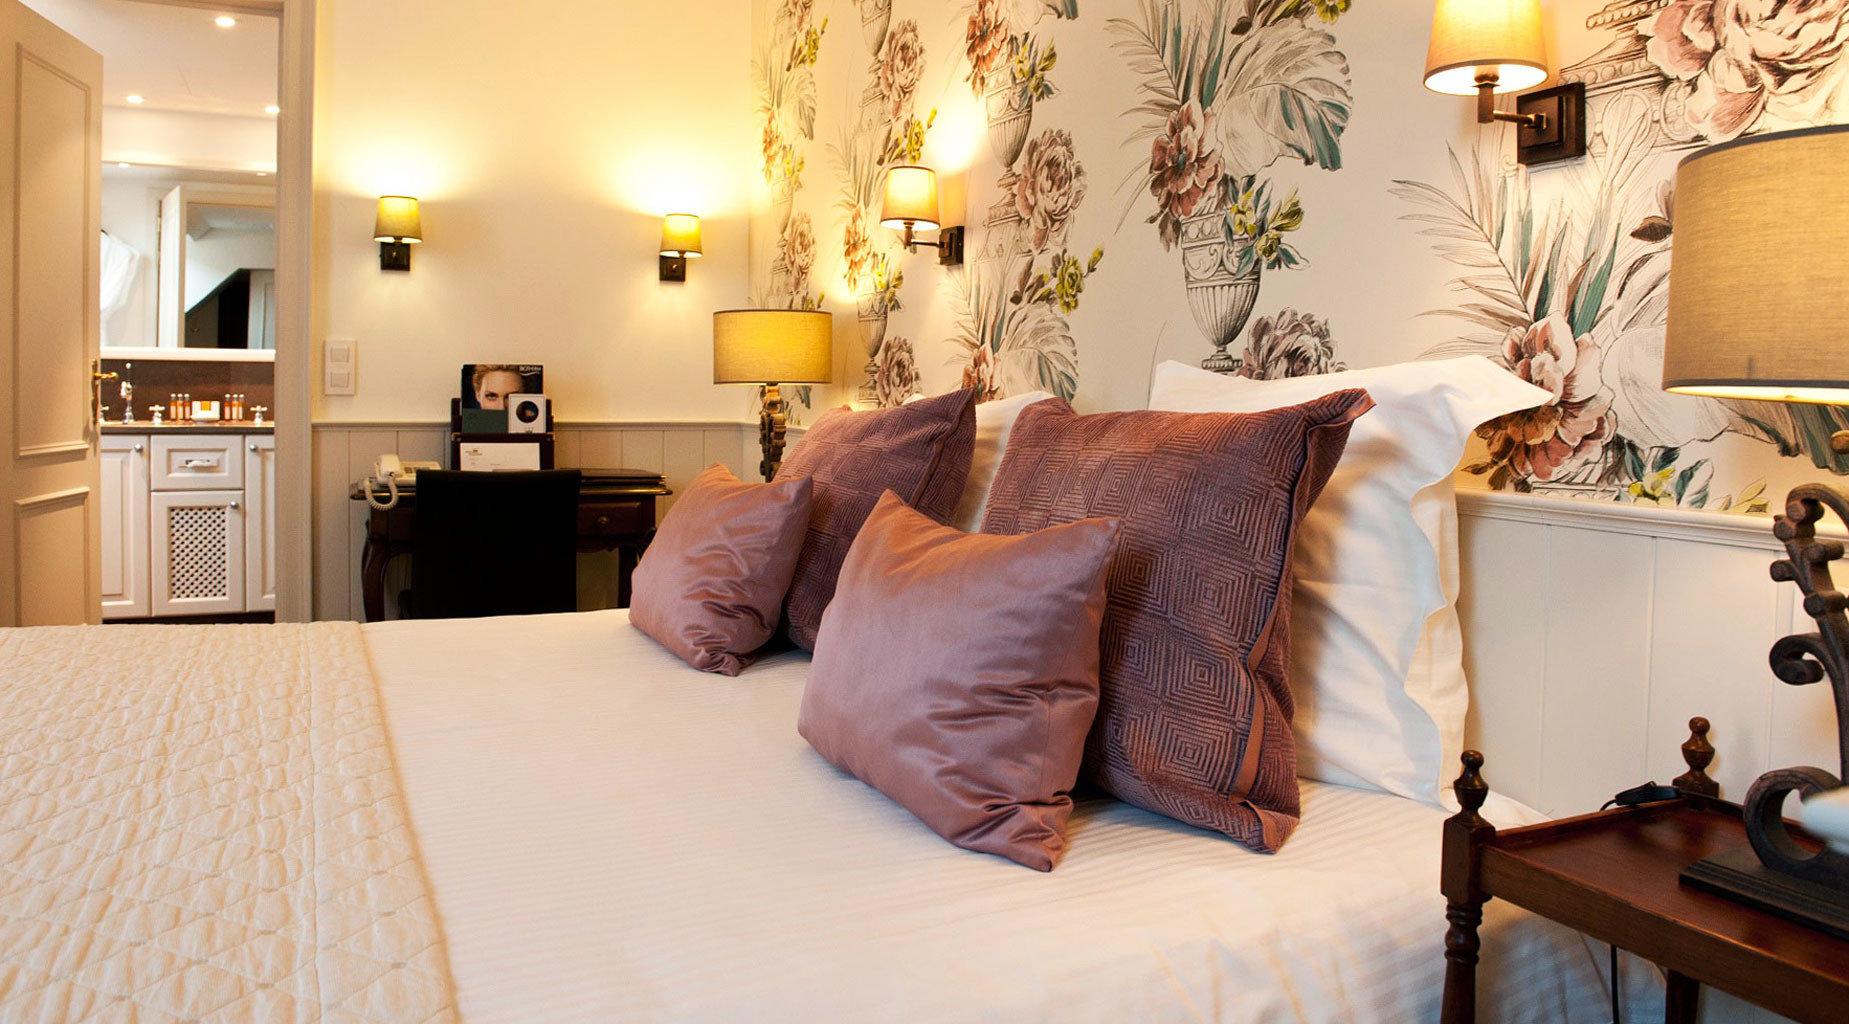 property Bedroom living room home Suite cottage bed sheet